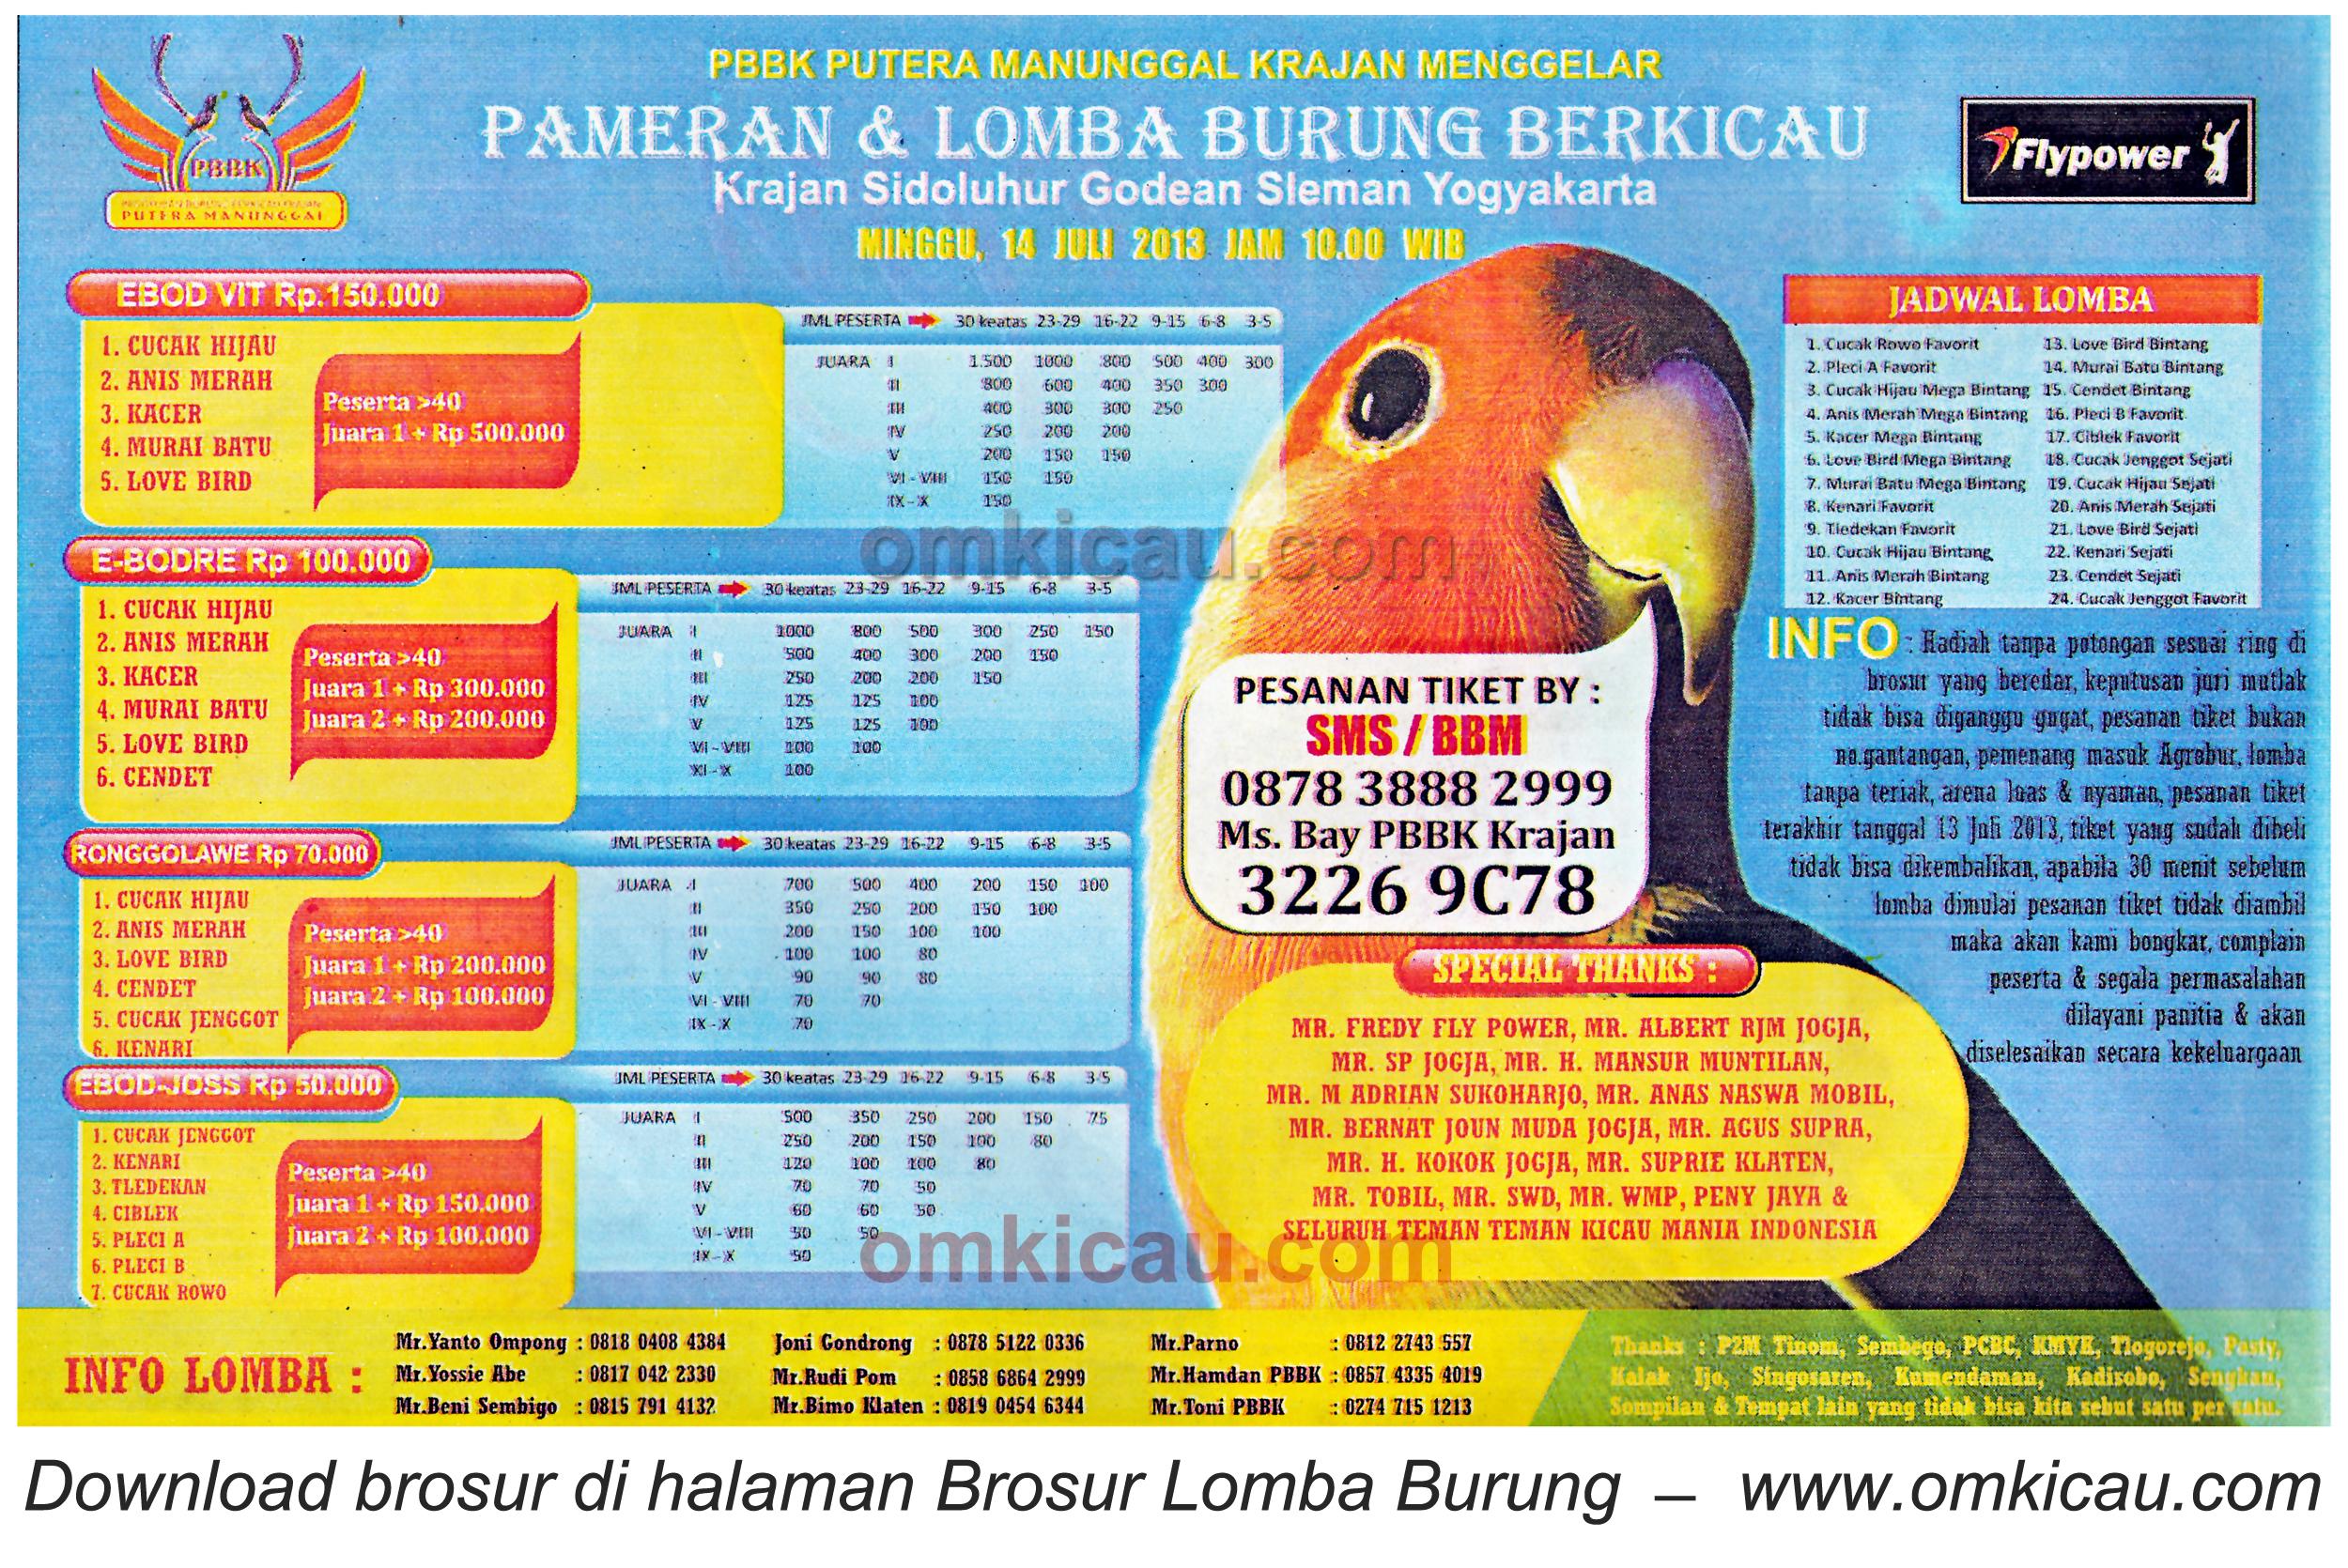 Brosur Lomba Burung Bekicau PBBK Krajan - Jogja 14 Juli 2013